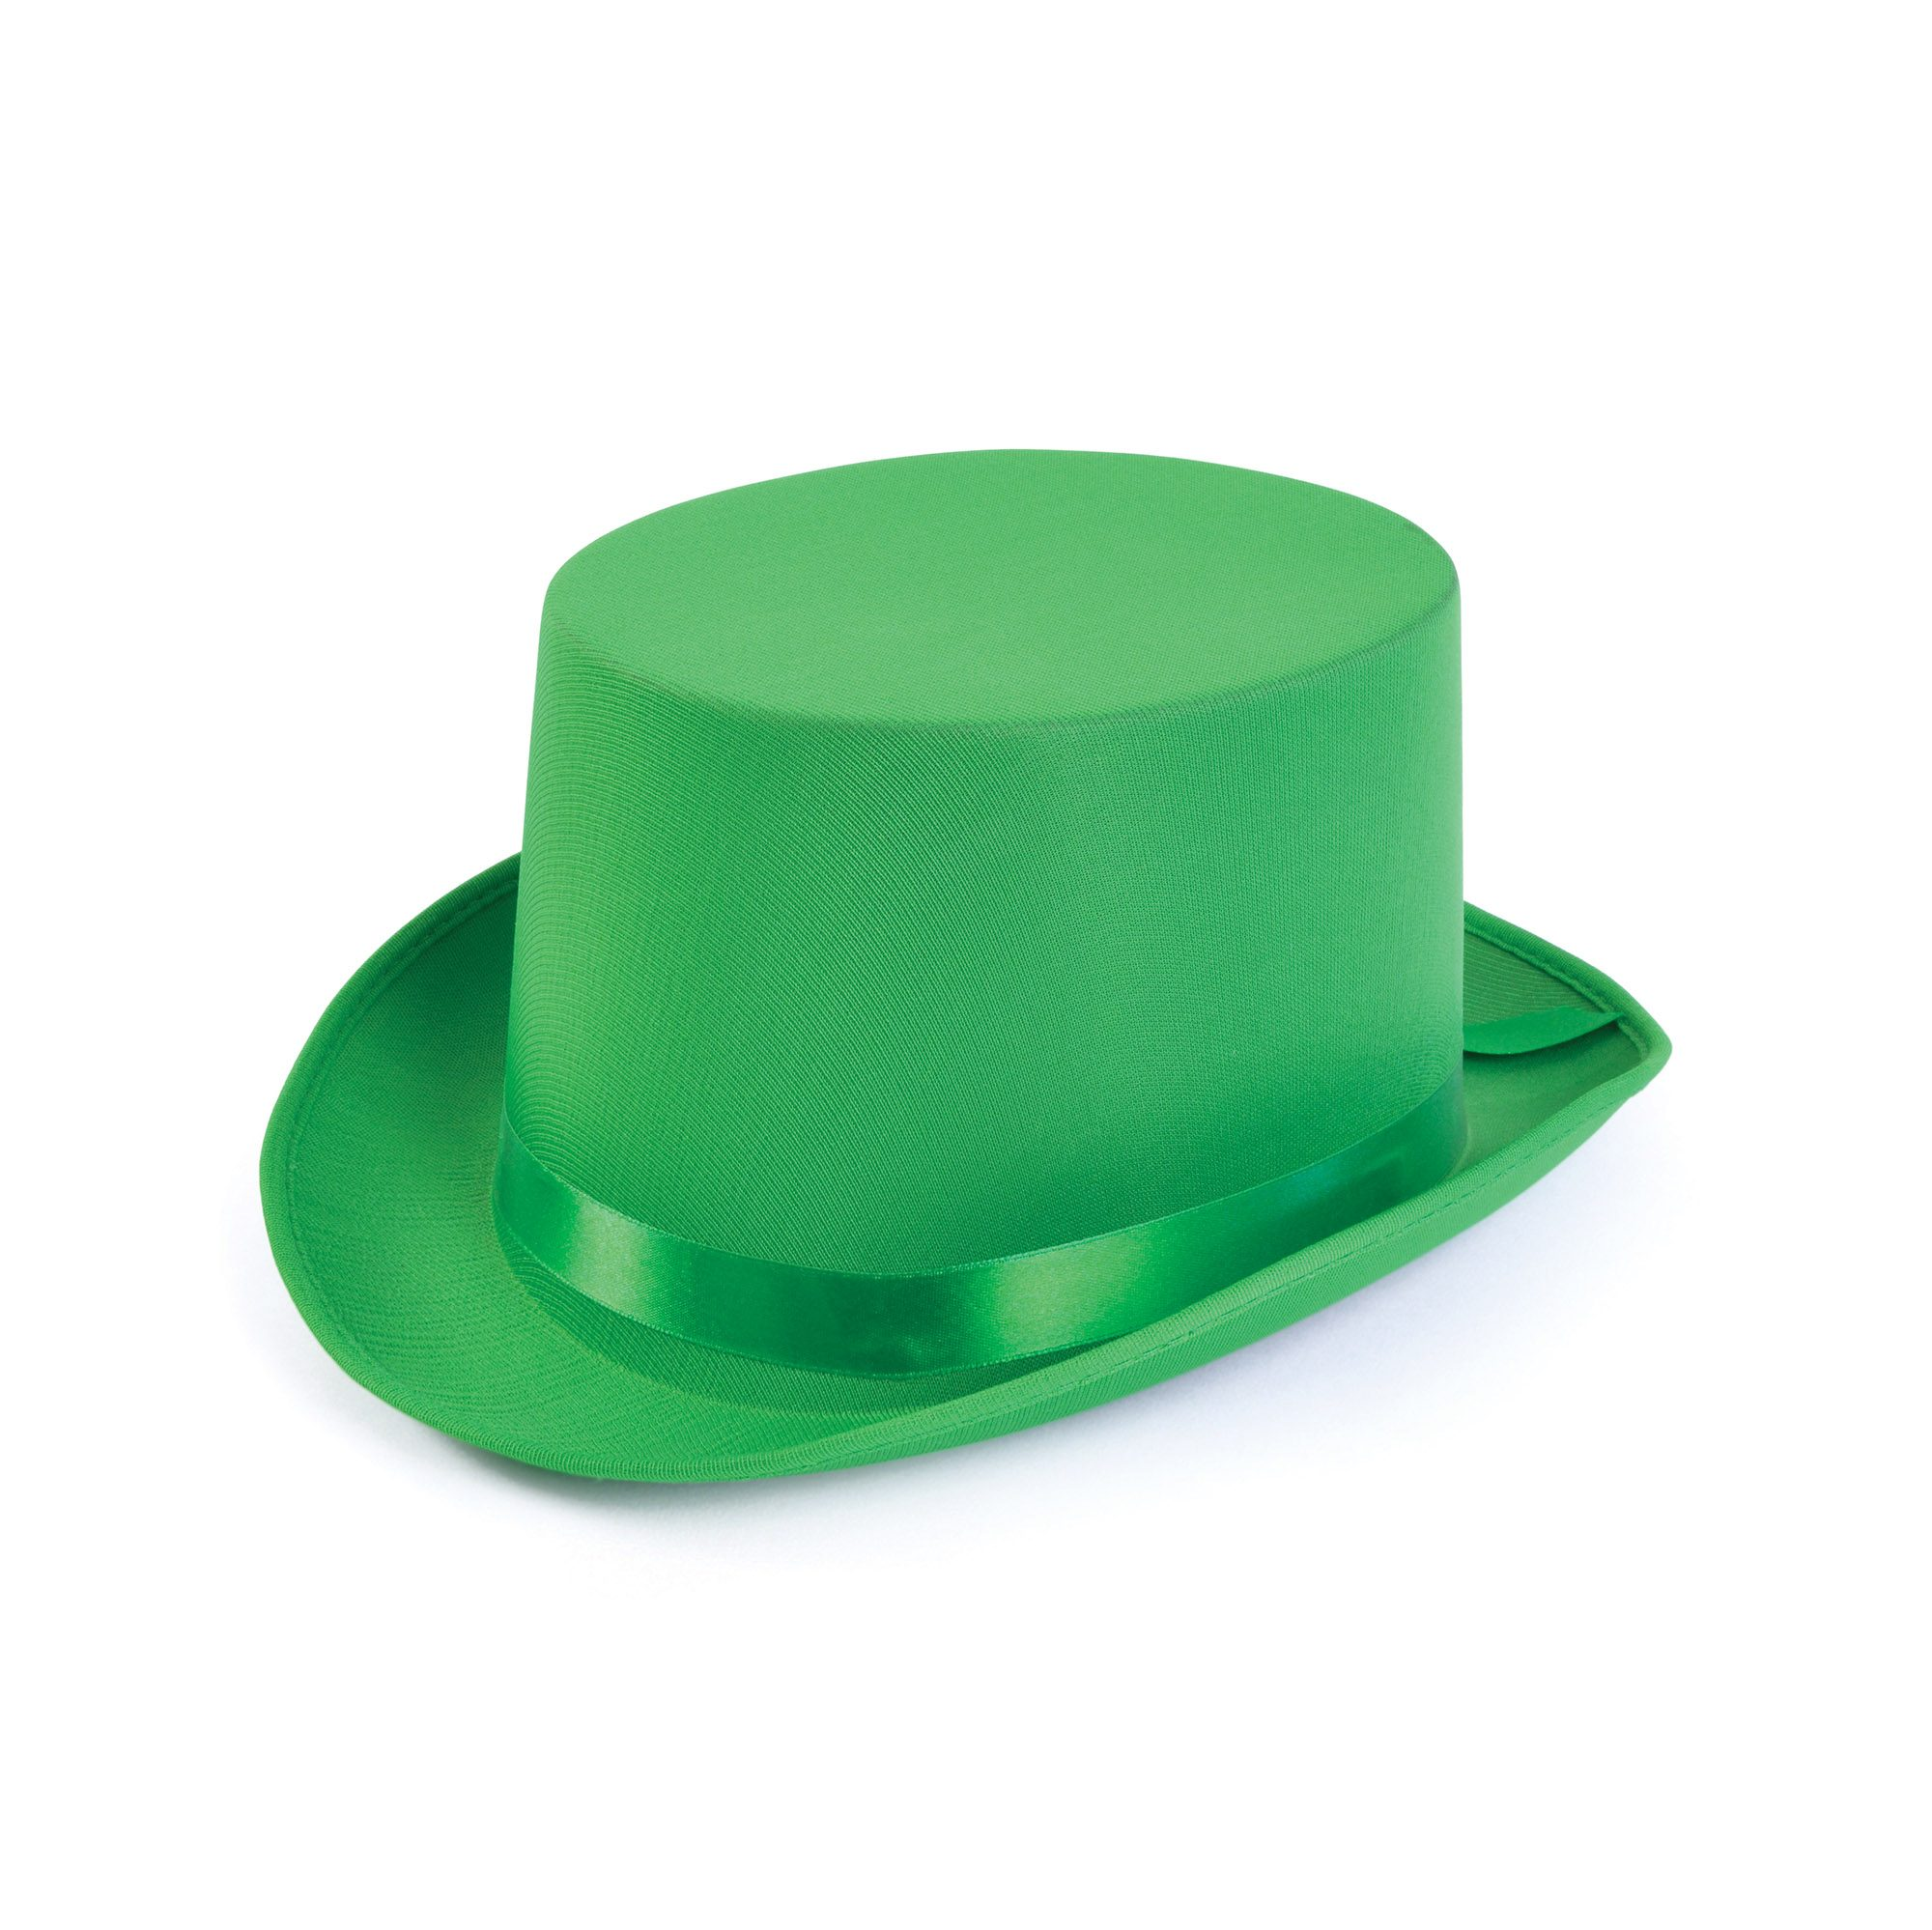 Nuevo Verde Sombrero de Copa  5a5deb50b3a